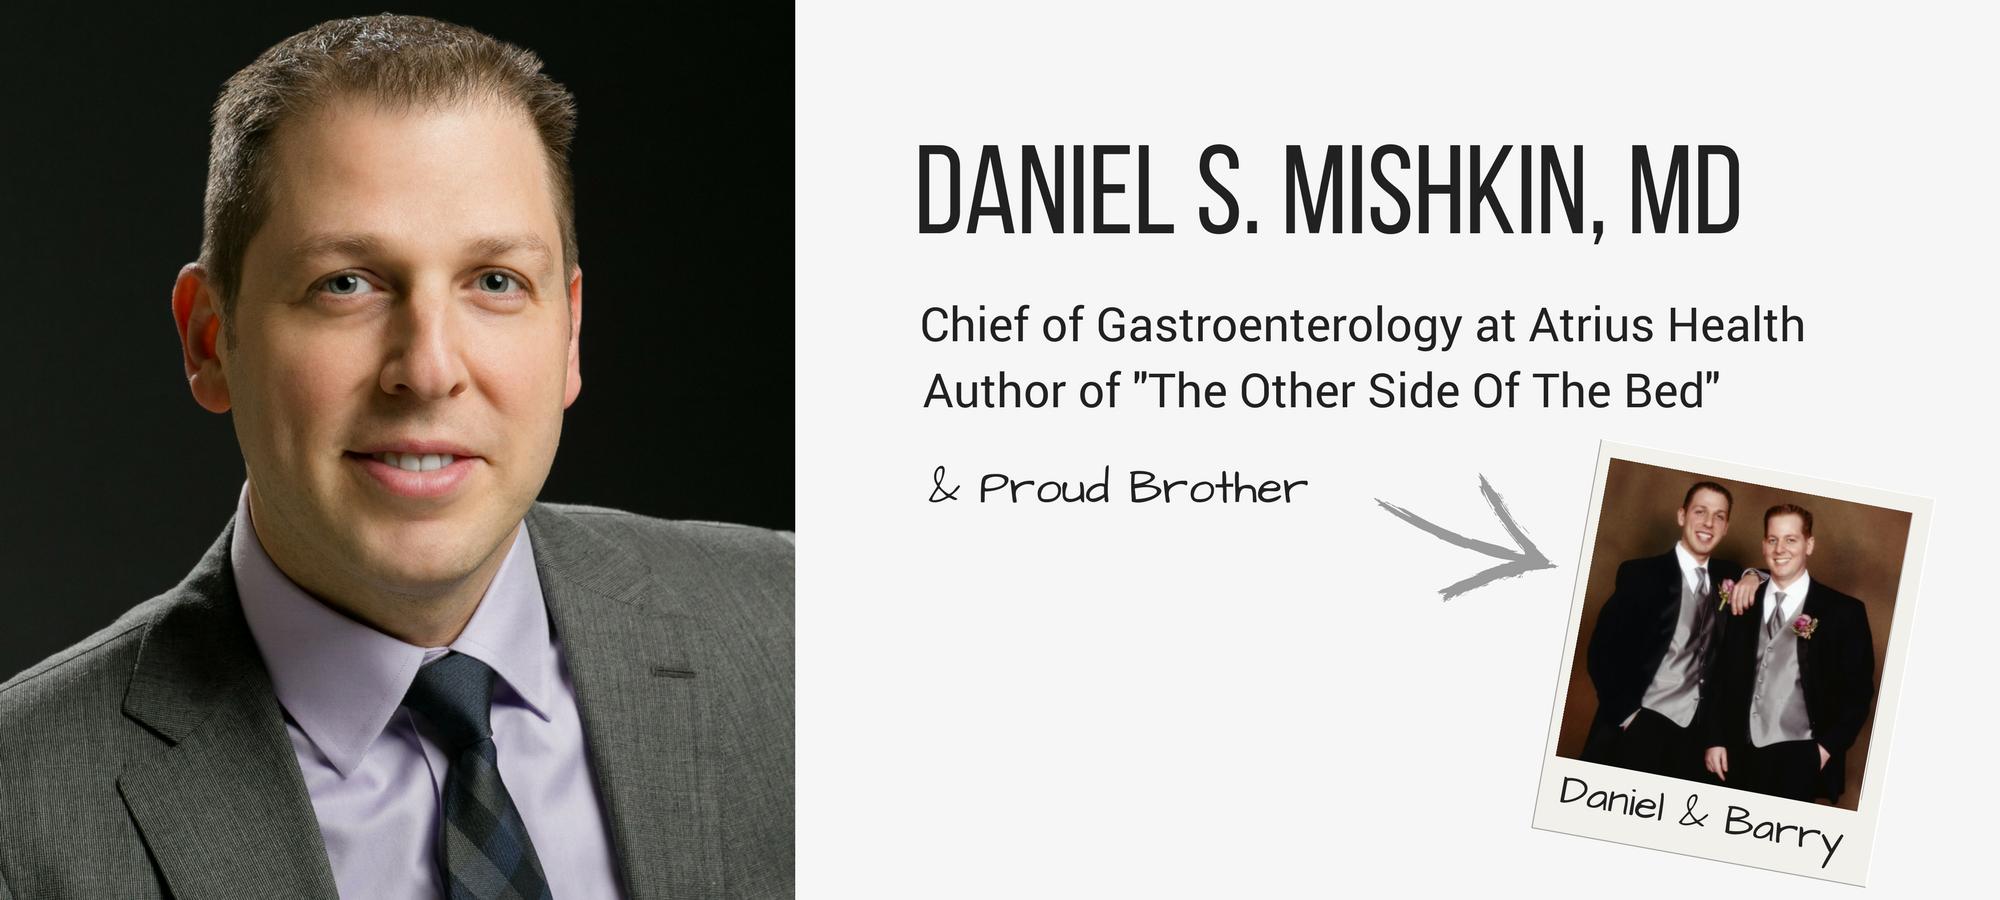 Dr. Daniel Mishkin